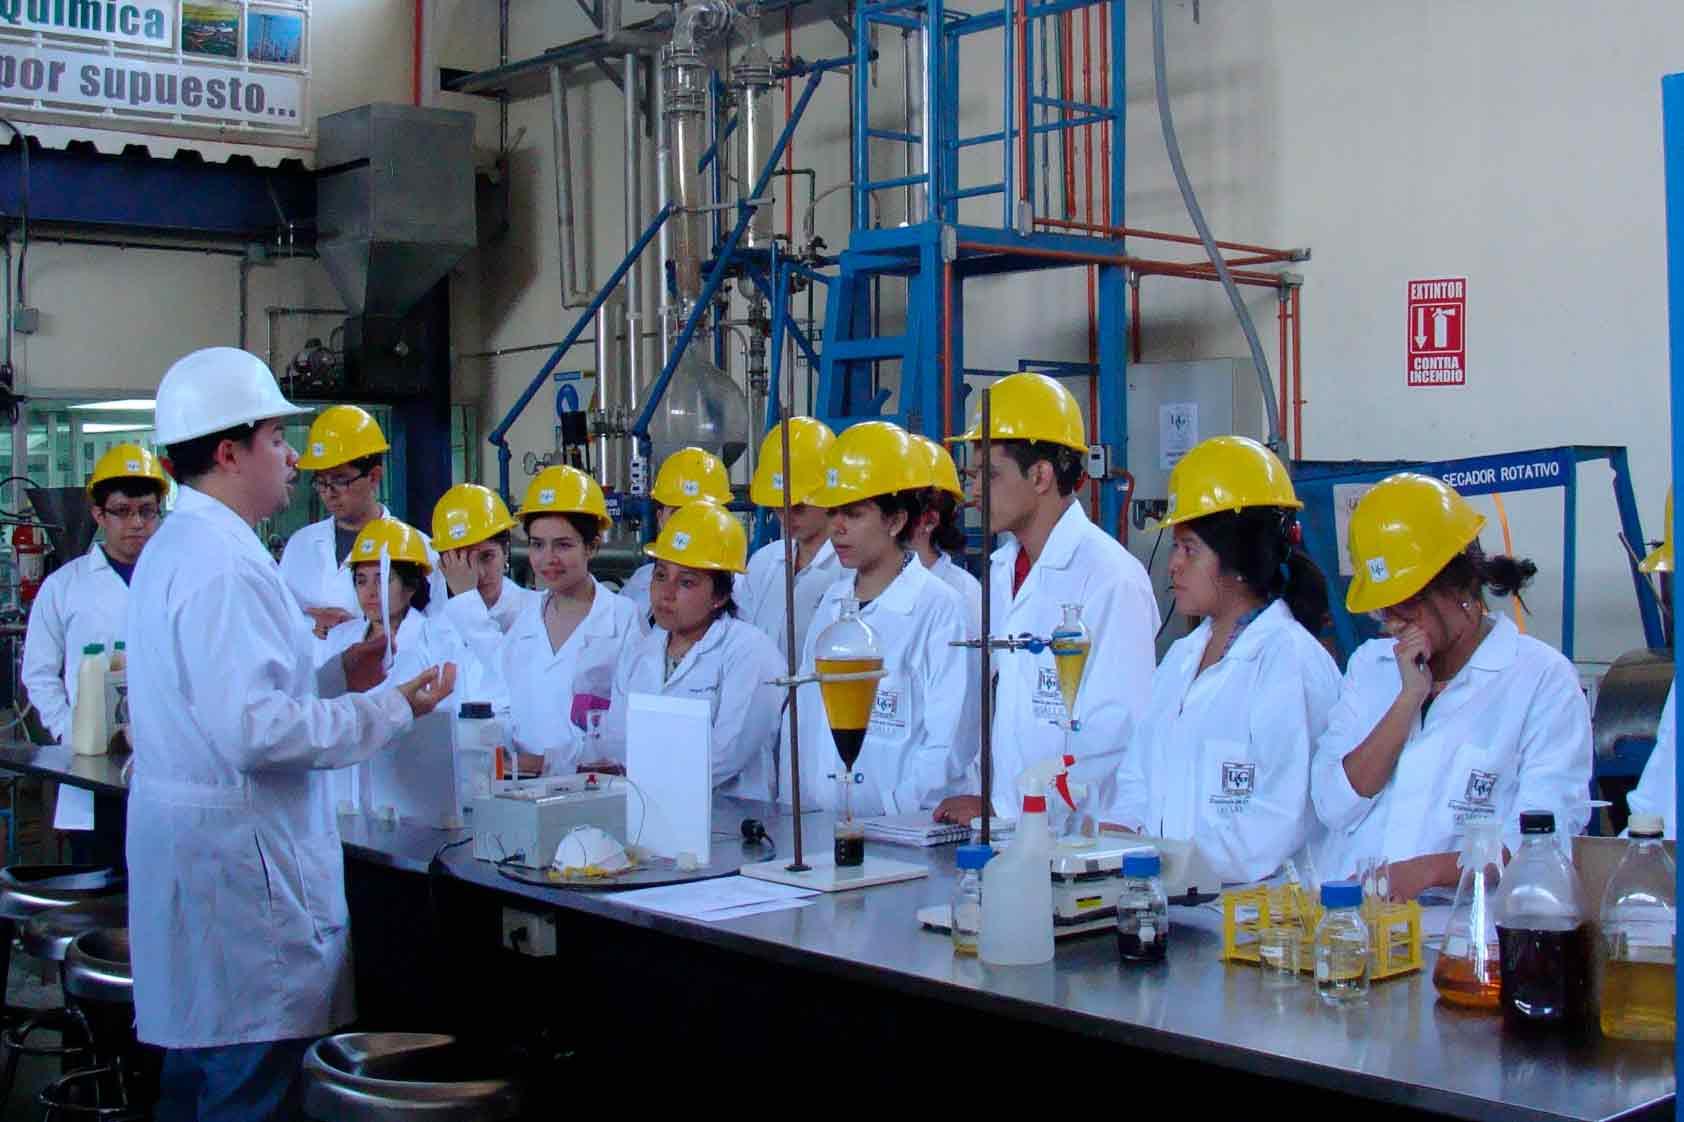 La ingeniería química en el Centro de Innovación y Tecnología CIT